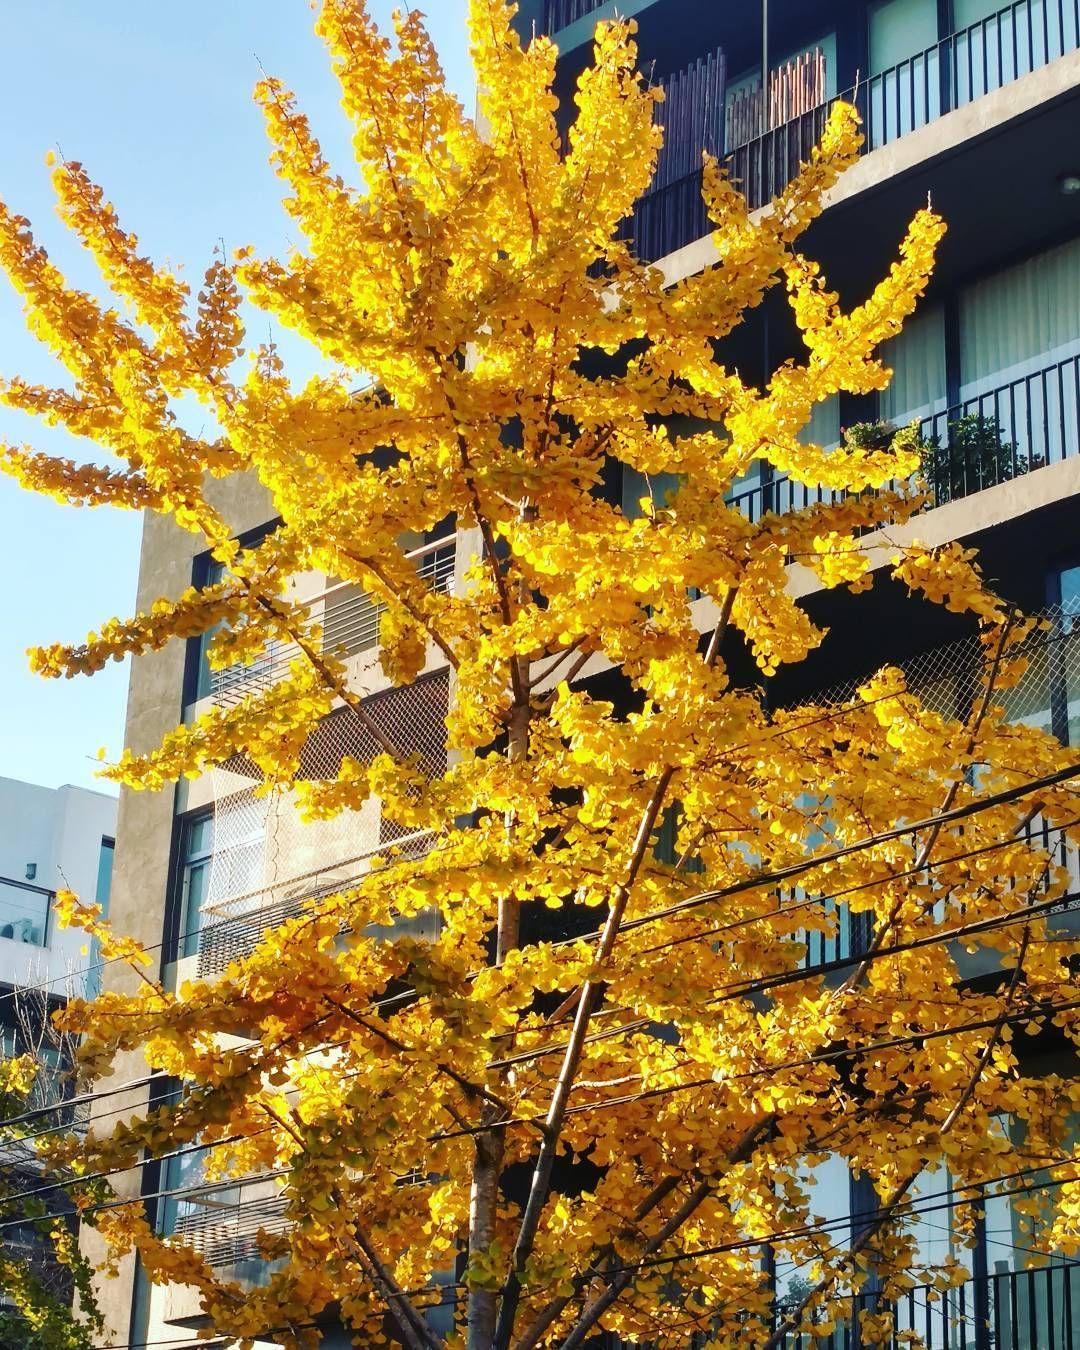 De mis árboles favoritos! Cómo era que se llamaba?  #morning #walk #lunes #caminata #lalucila #likezonanorte #arbol #otoño #fall #yellow #buenosaires #vicentelopez #amanecer #sunrise